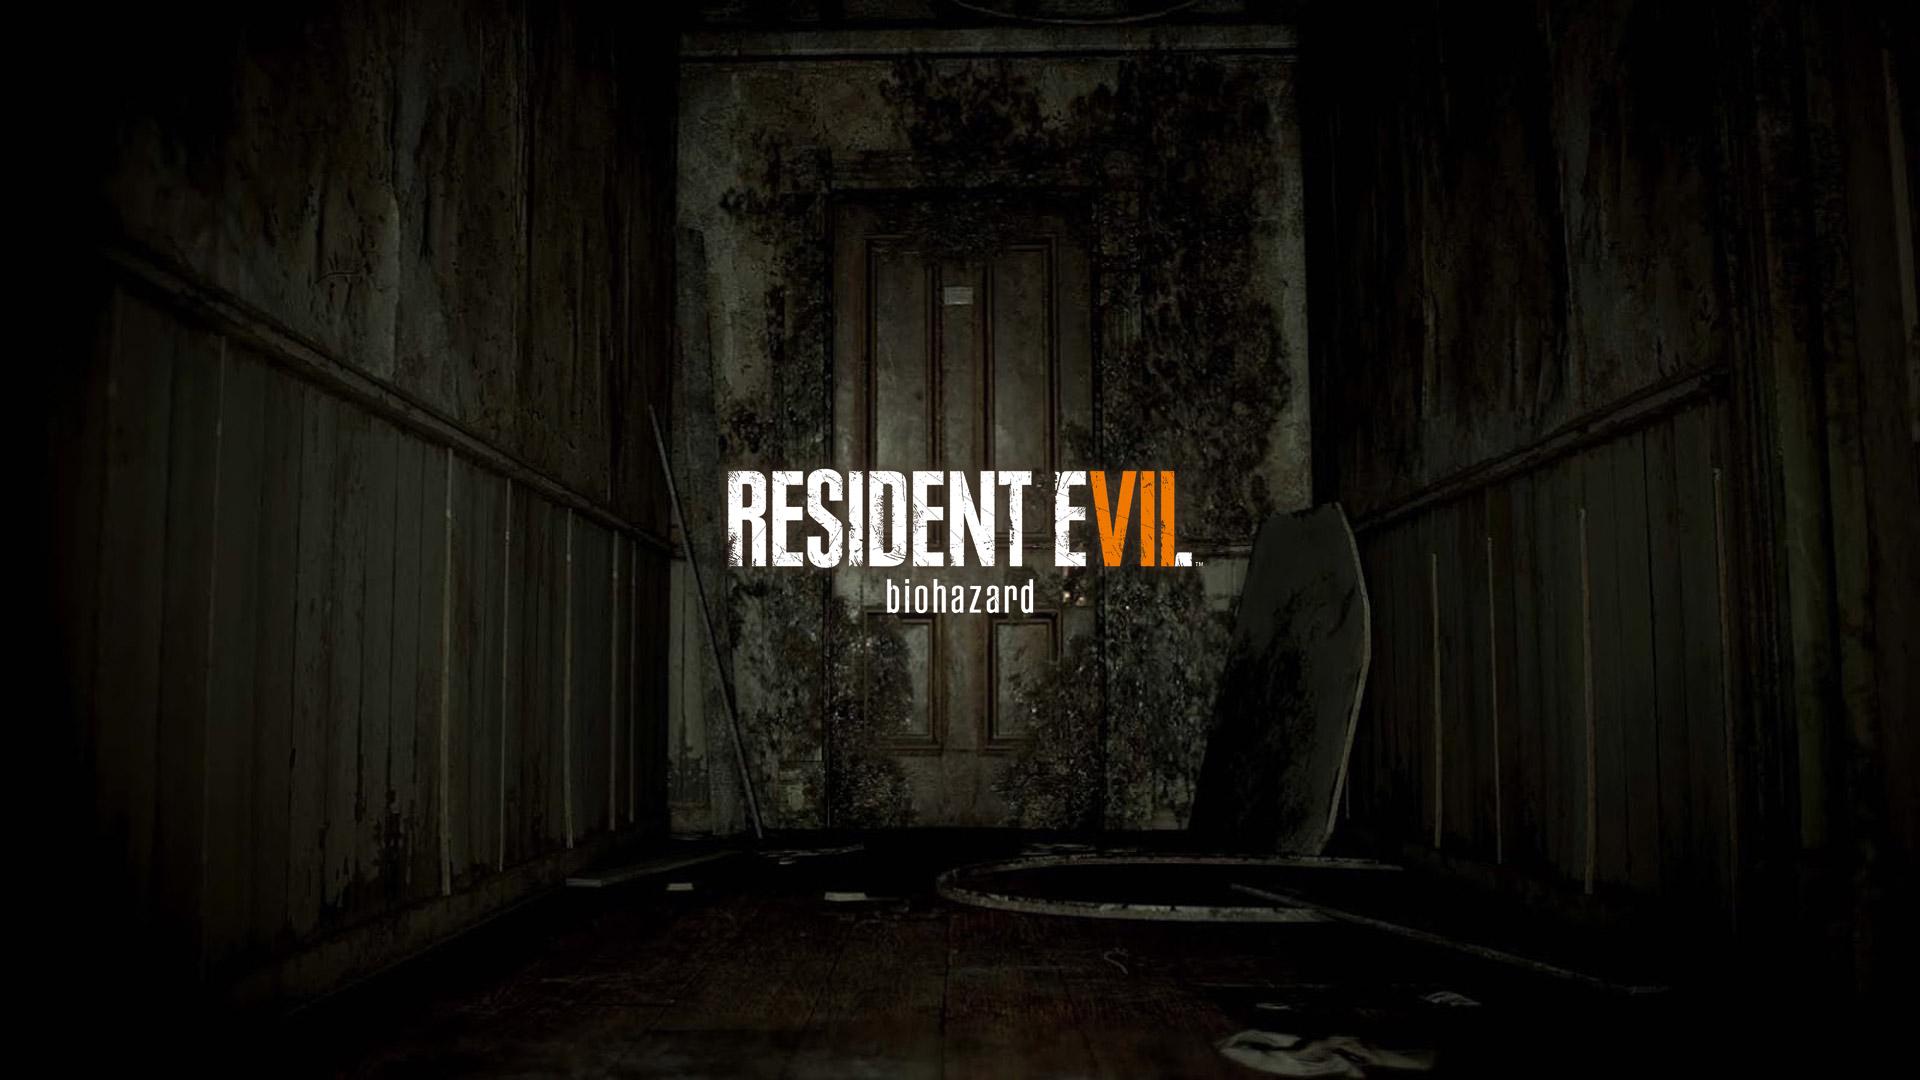 Resident Evil 7 Wallpaper in 1920x1080